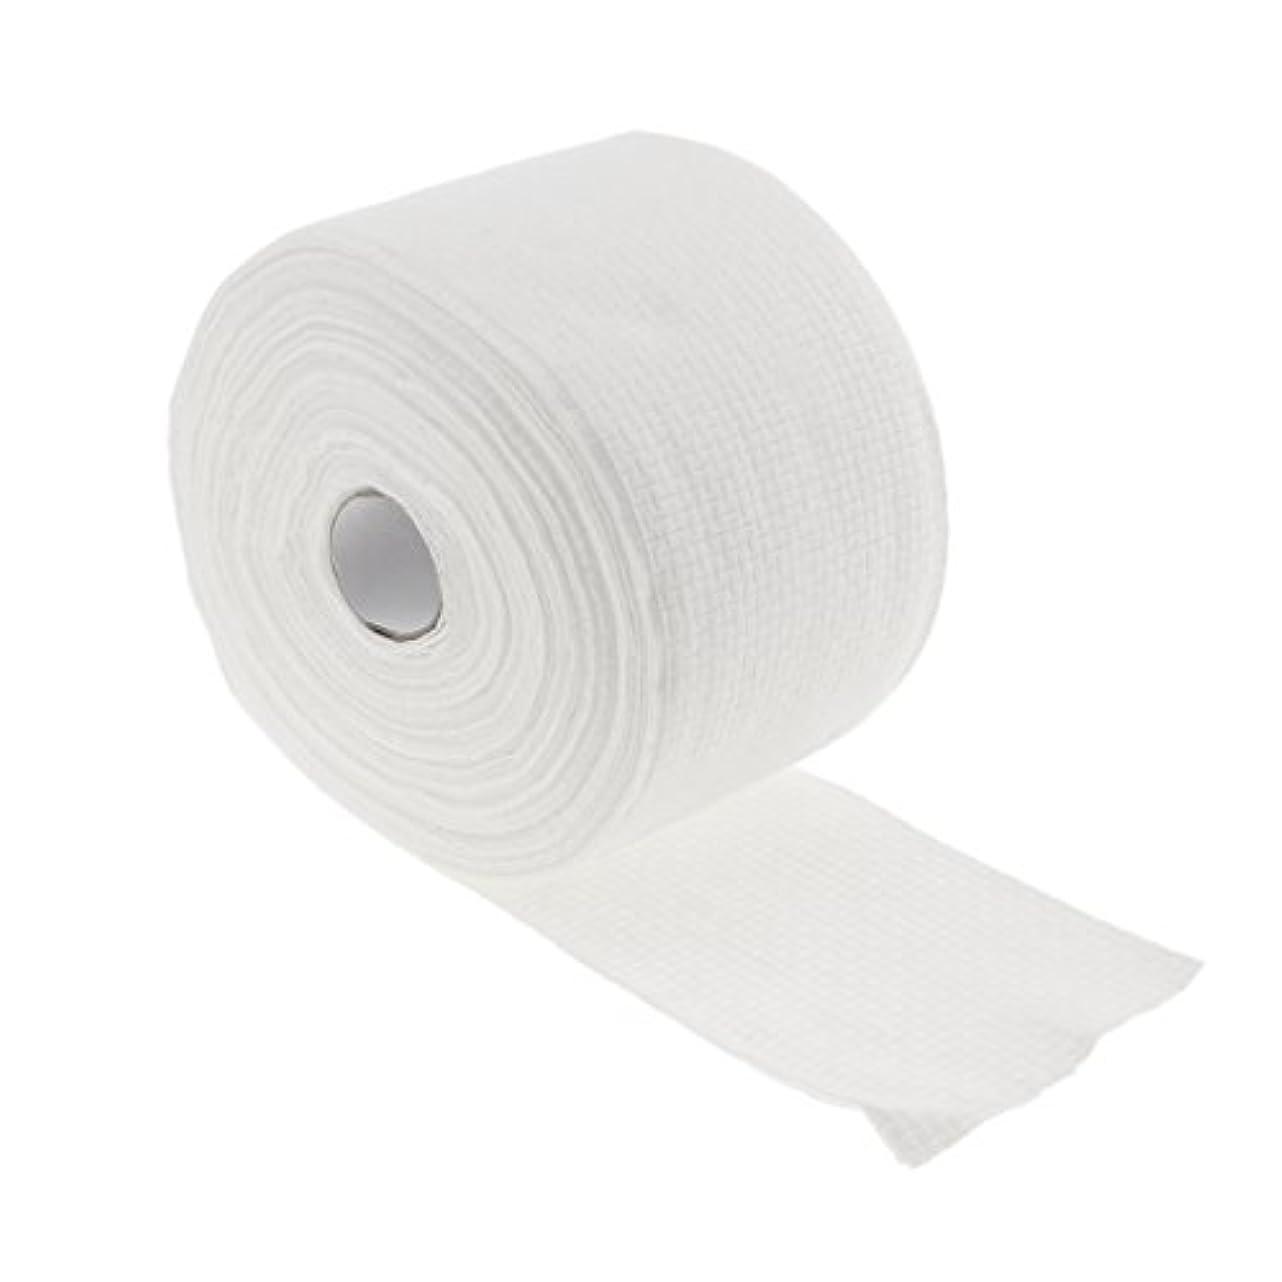 メアリアンジョーンズショッキングおとこ使い捨てタオル ロール式 洗顔タオル 30M コットン 来客用 便利 2タイプ選べる - #1